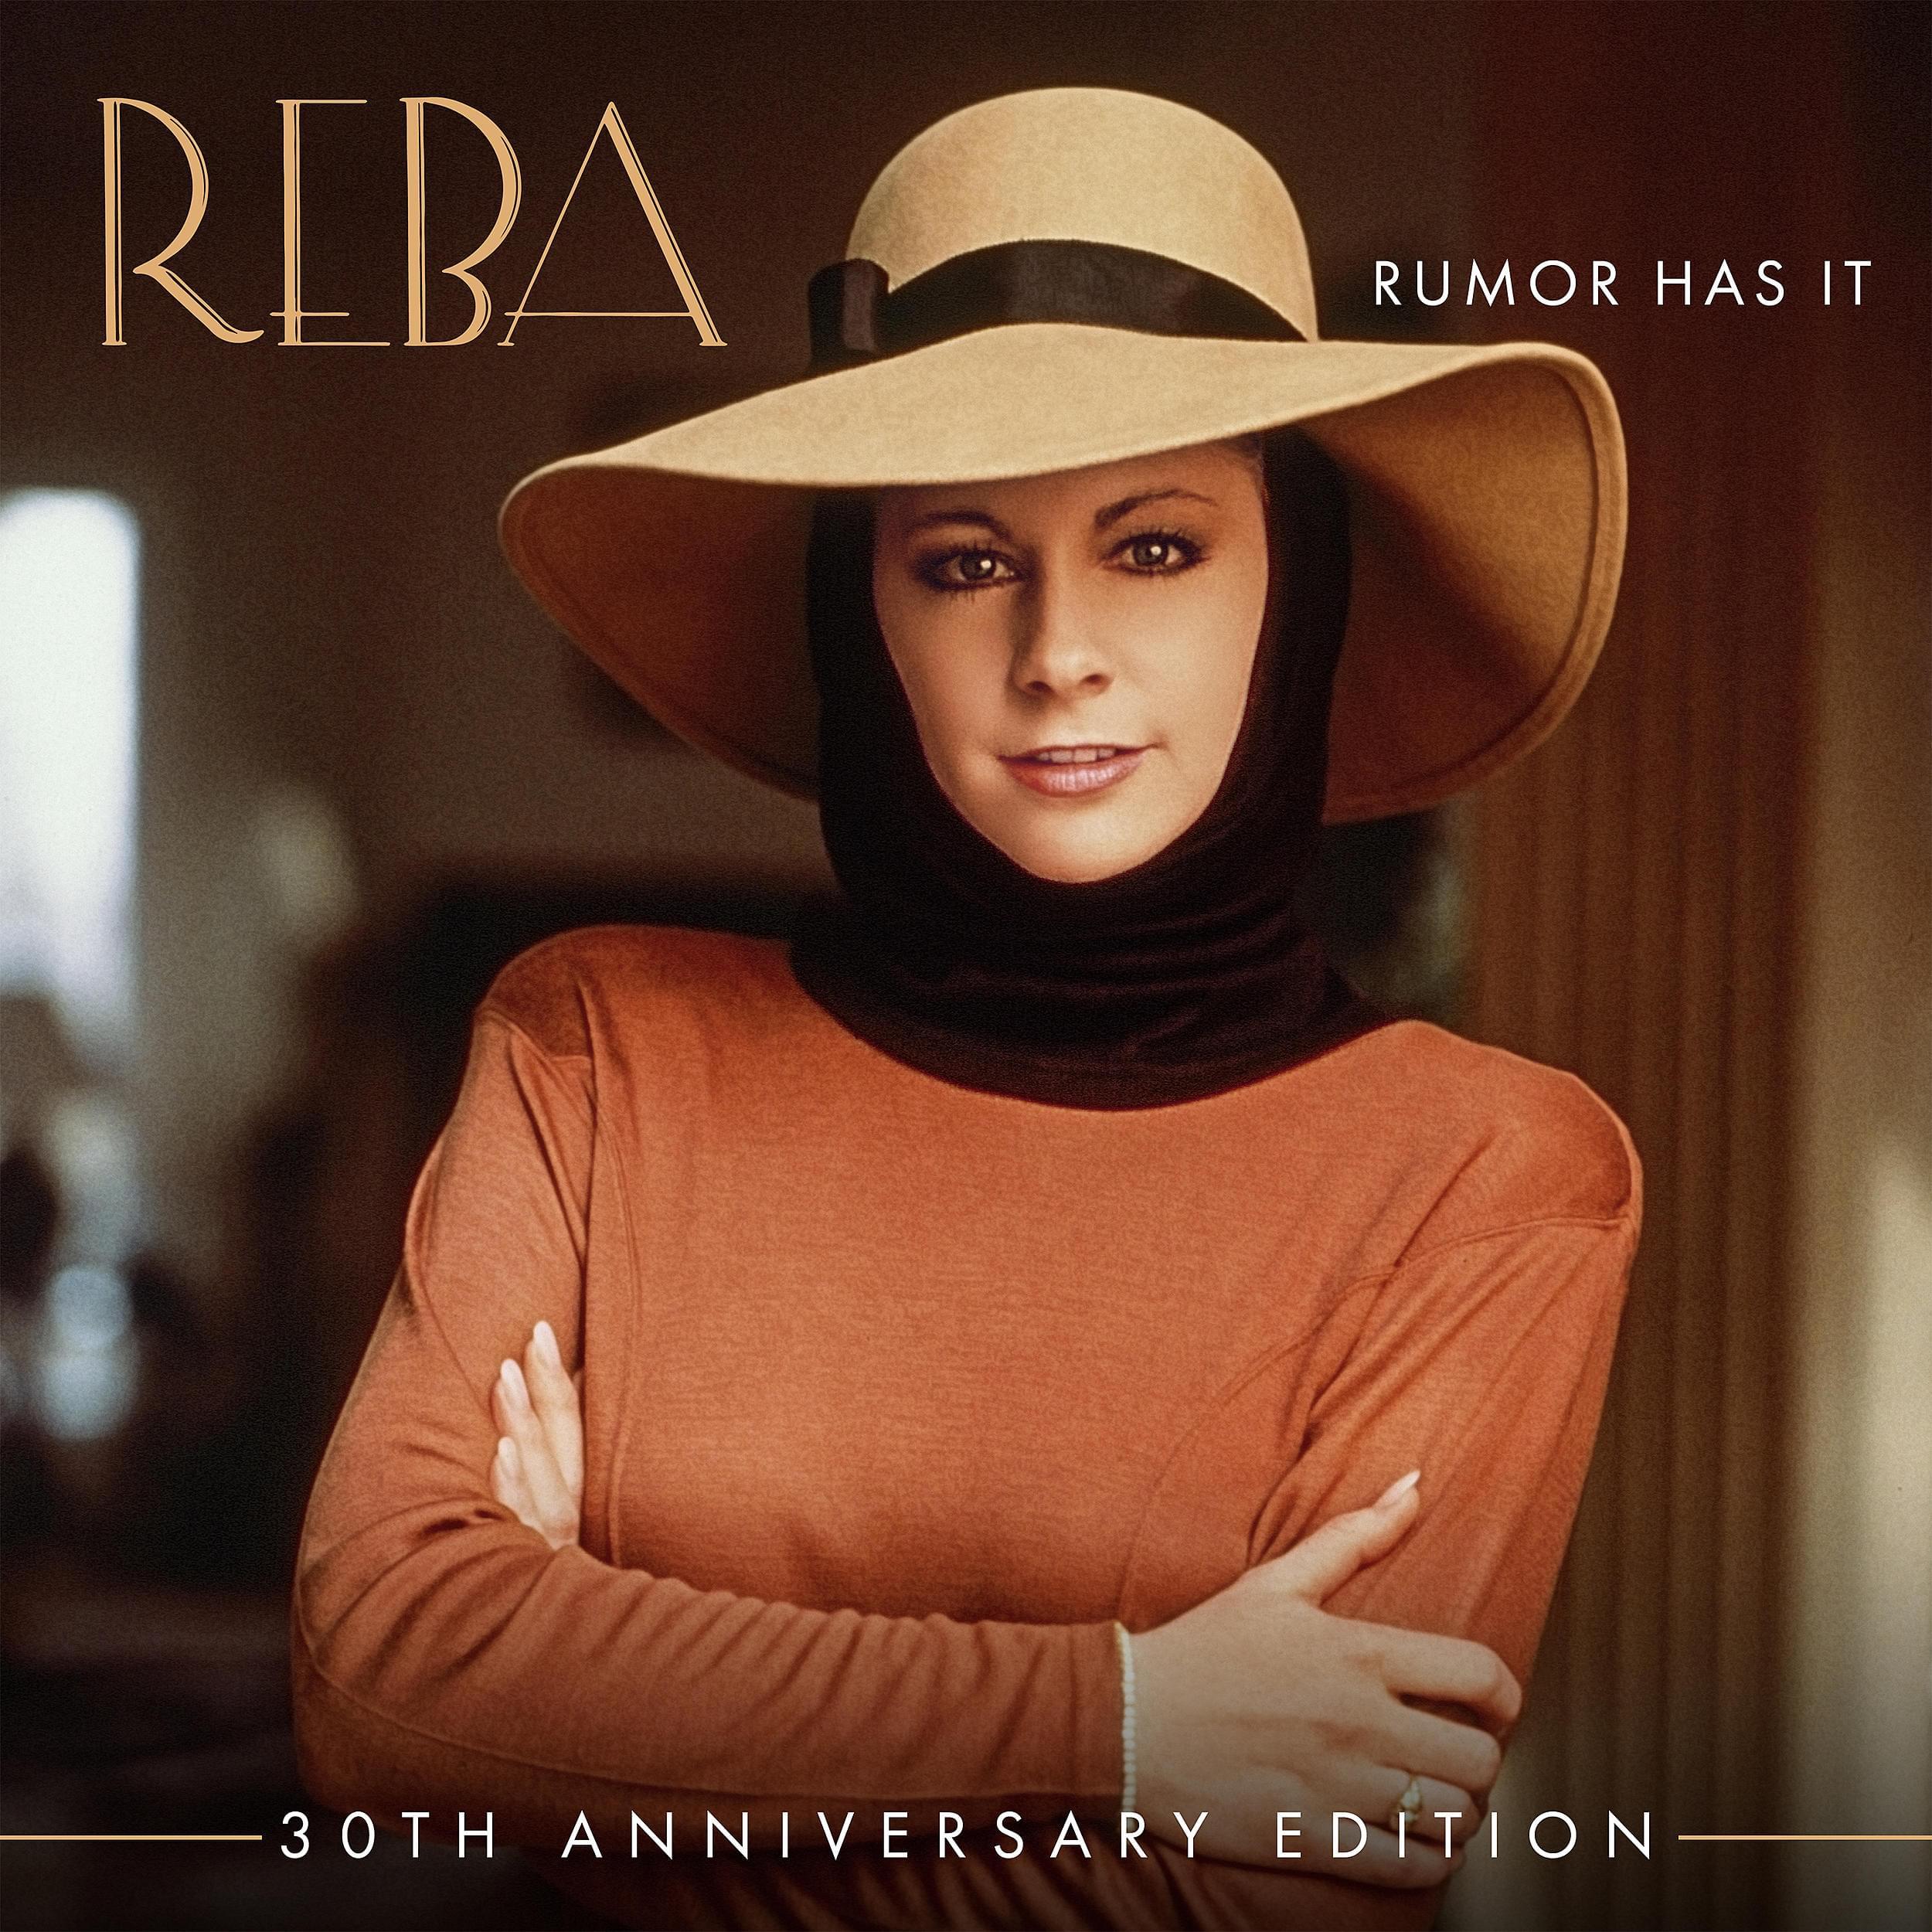 reba-mcentire-rumor-has-it-album-cover